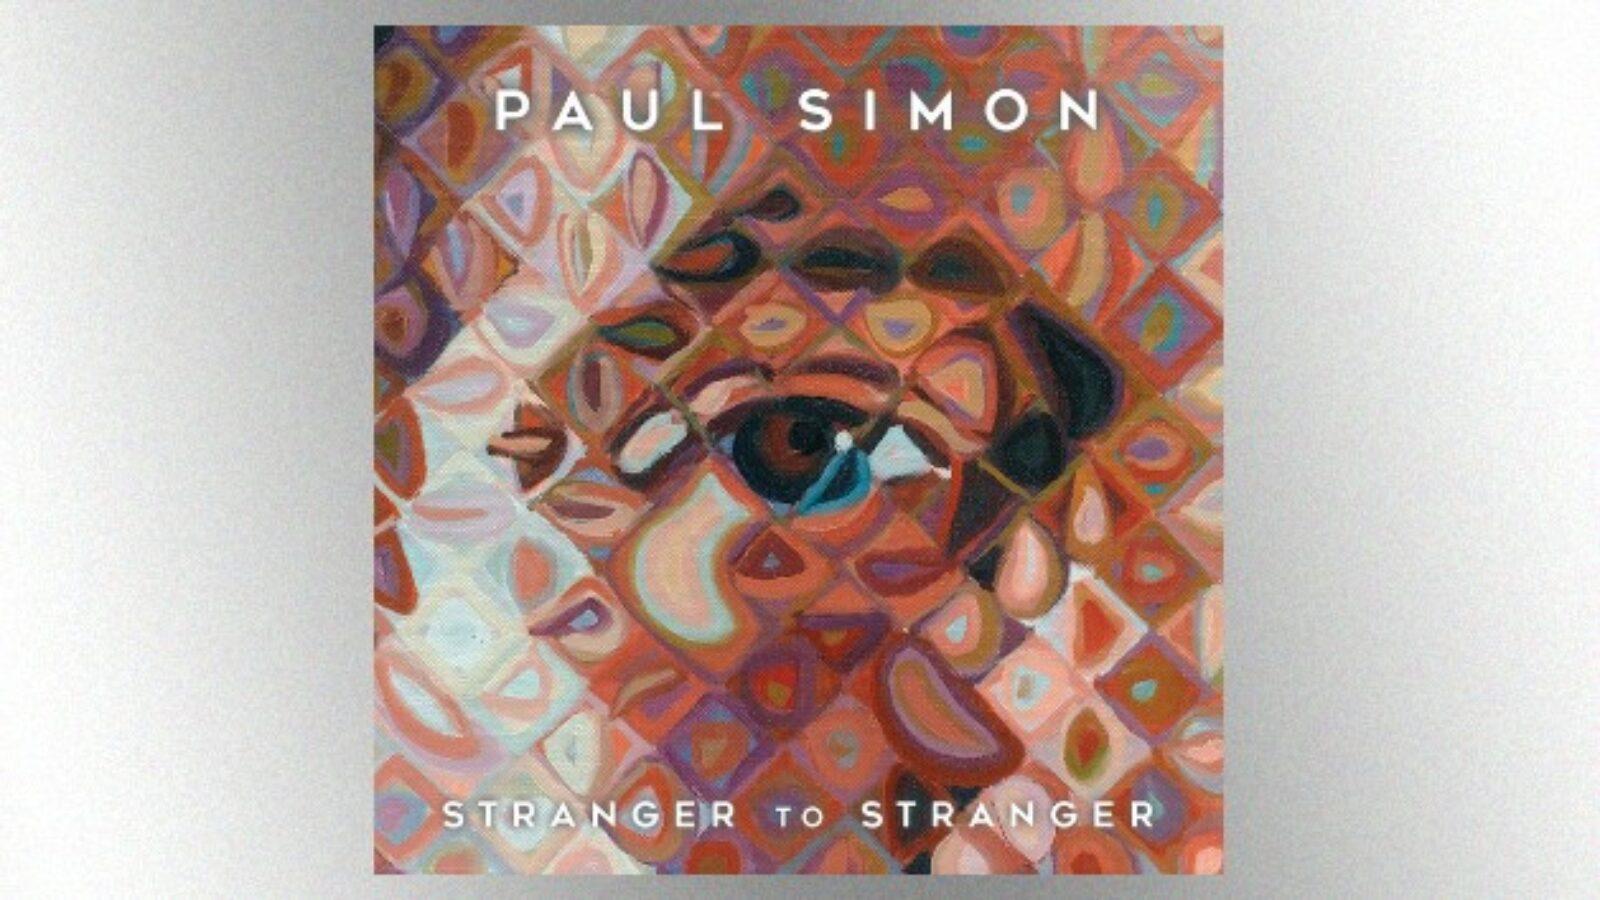 OXMOX CD-Tipp: PAUL SIMON – Stranger Stranger